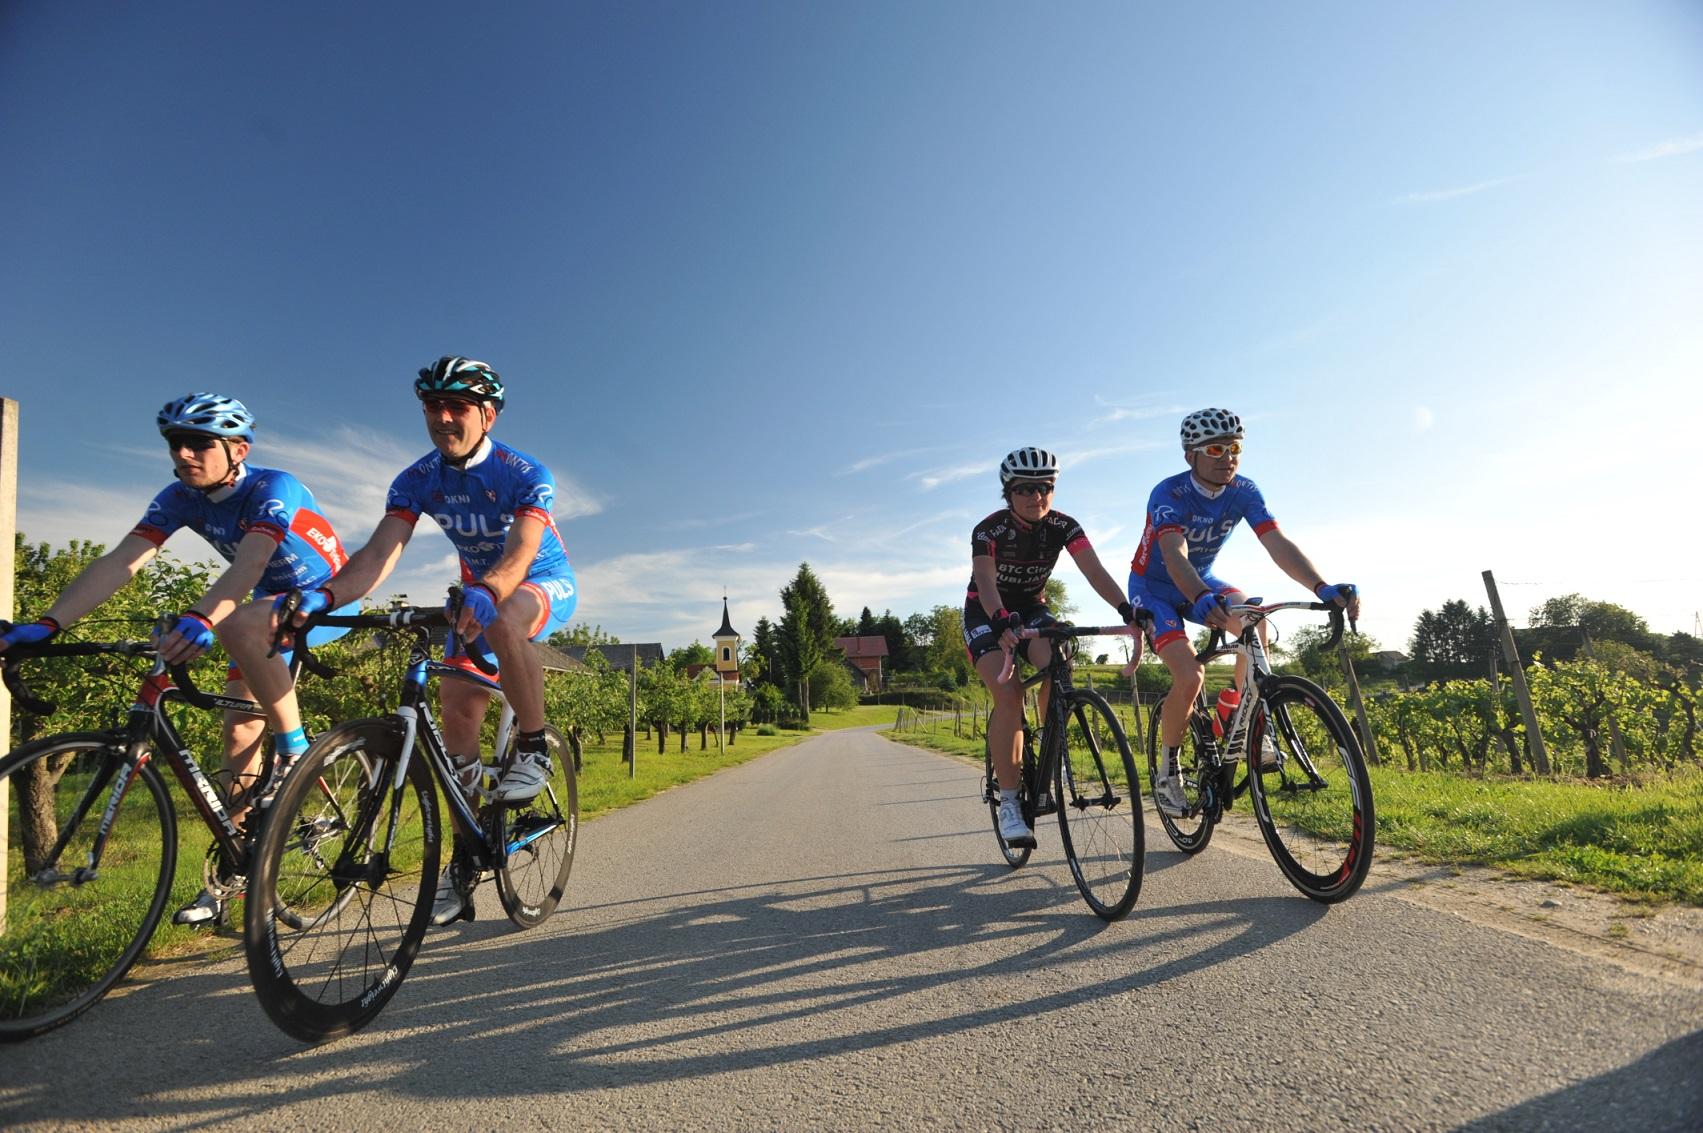 Razsikovanje medžimurskih lepot na kolesu - tudi z dirko Tour of Croatia...